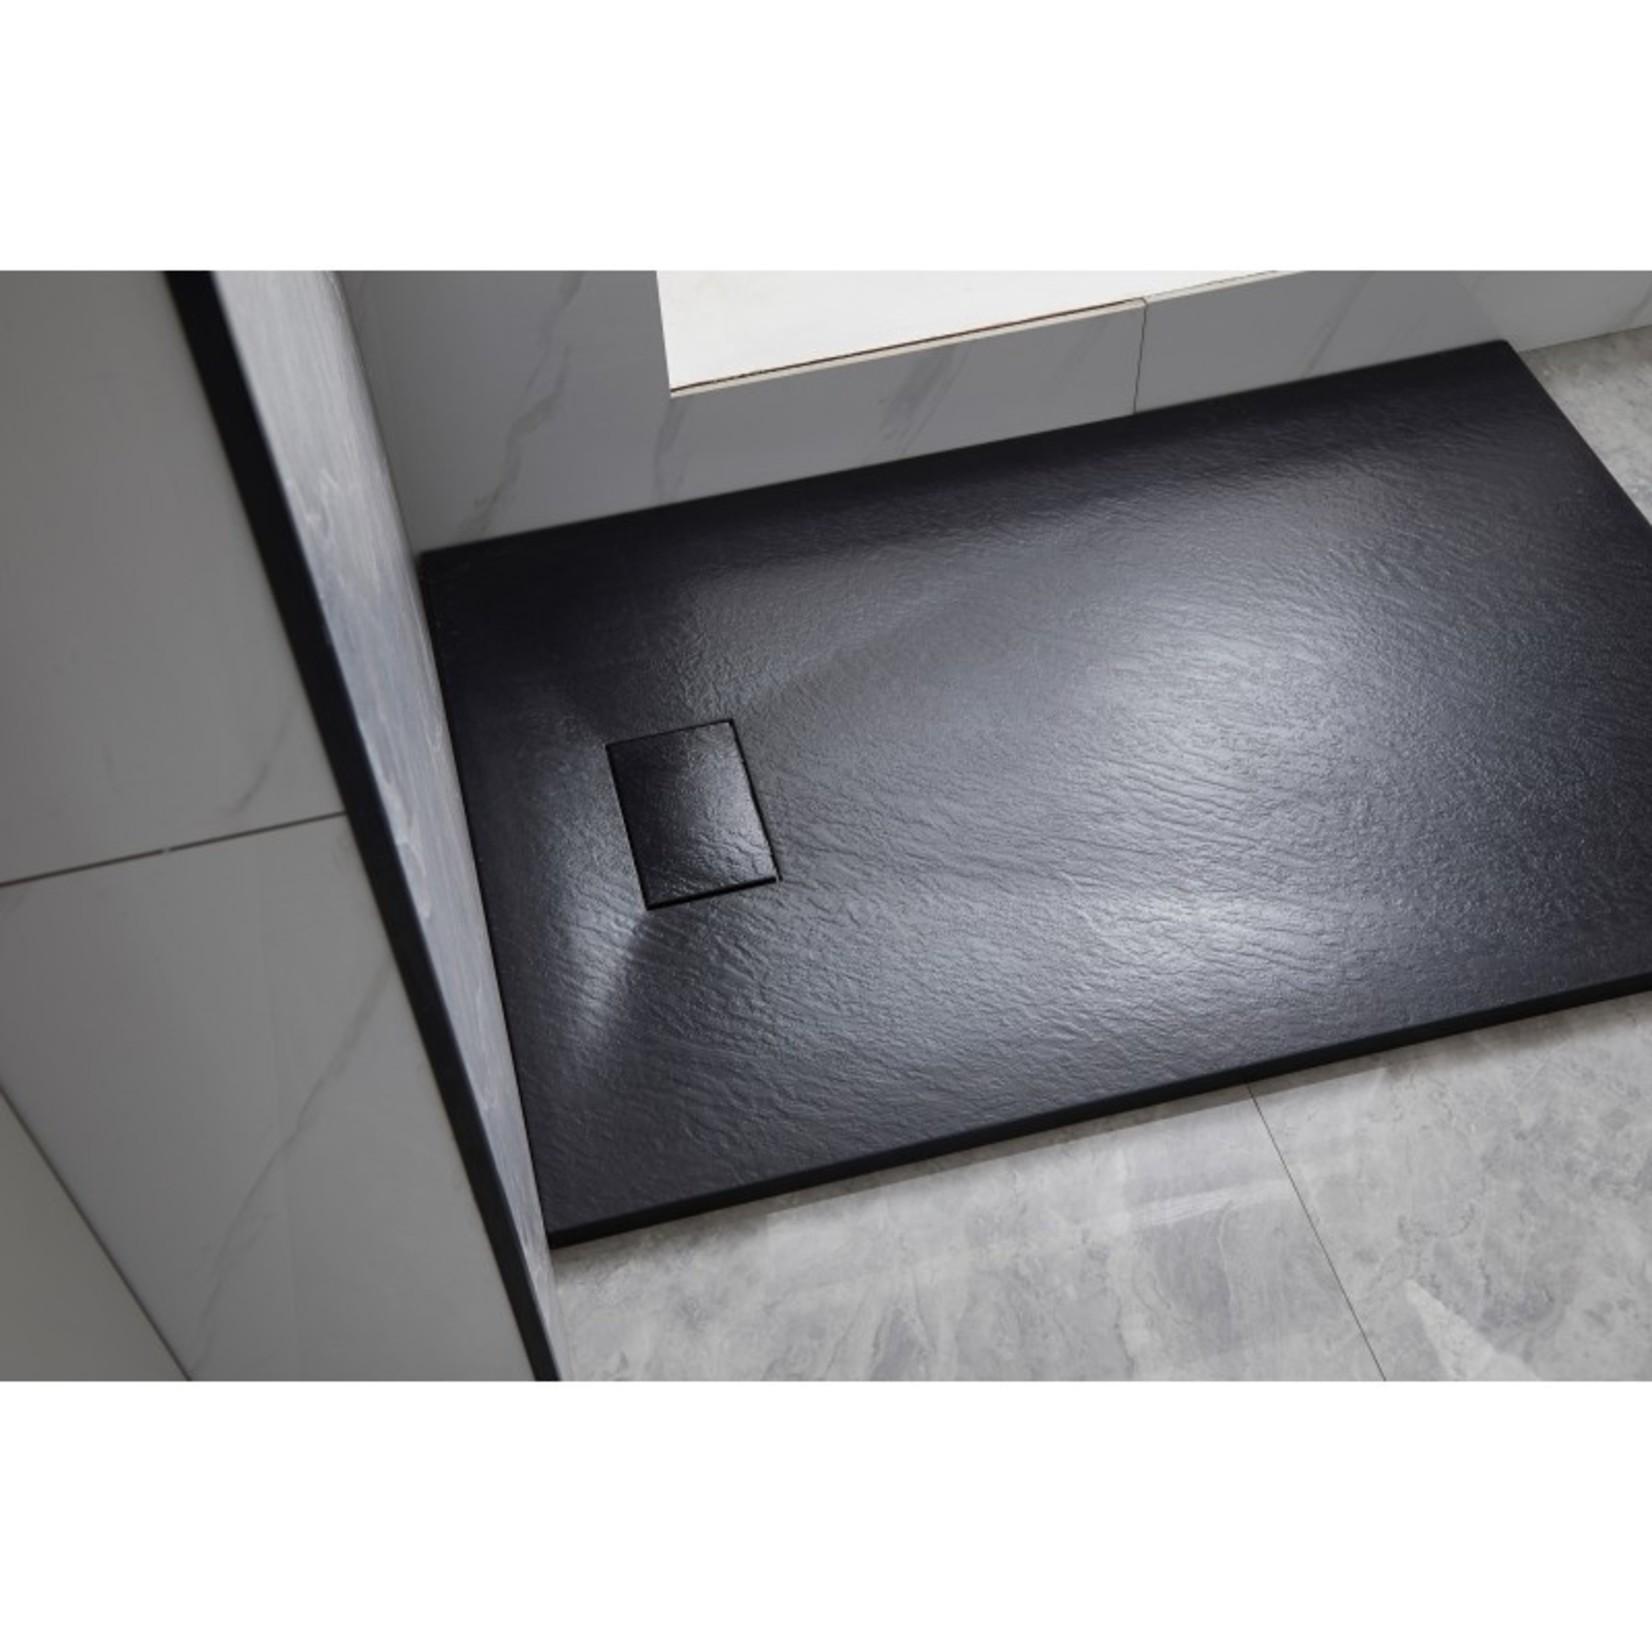 Base de douche noir fini ardoise 36x48 drain linéaire installation universelle